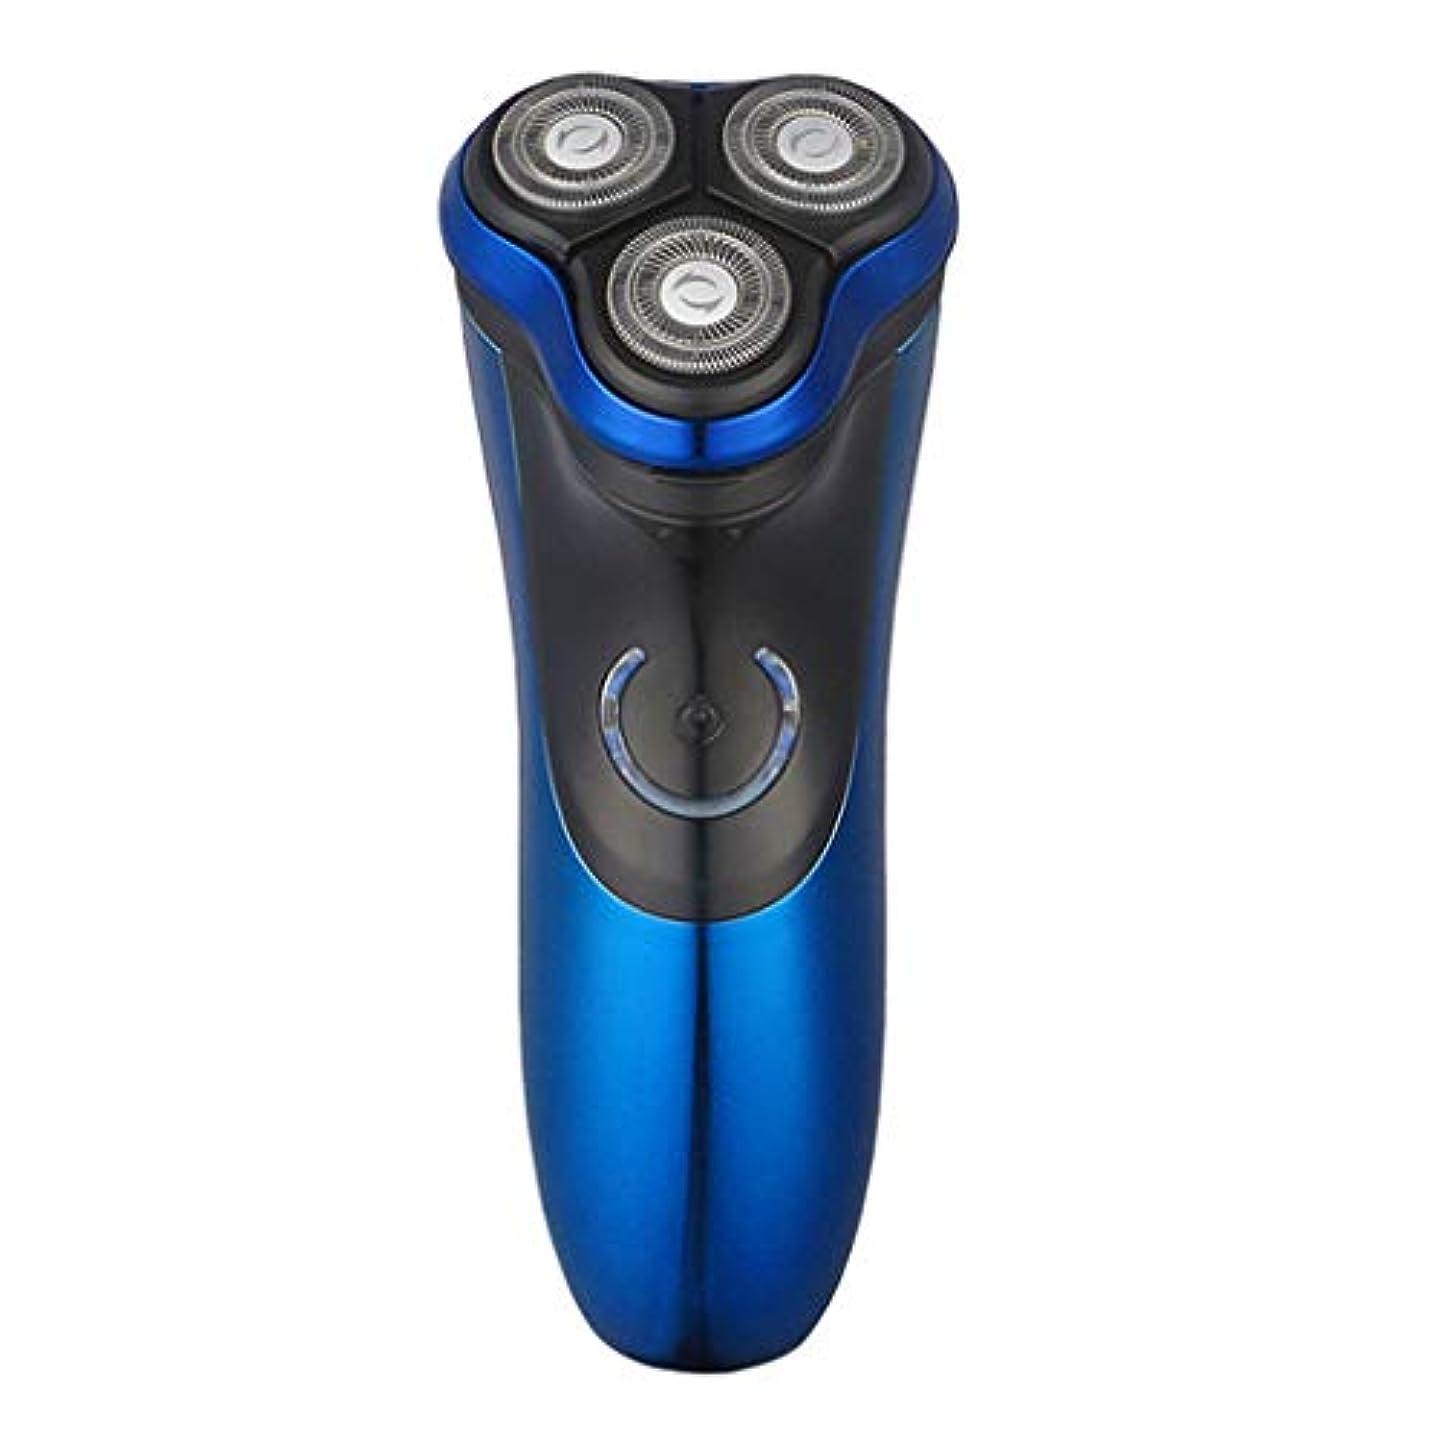 寛容なハードウェア知るシェーバー、メンズエレクトリックビアードトリマー/ IPX7ボディウォッシュ、ウェットアンドドライ、急速充電